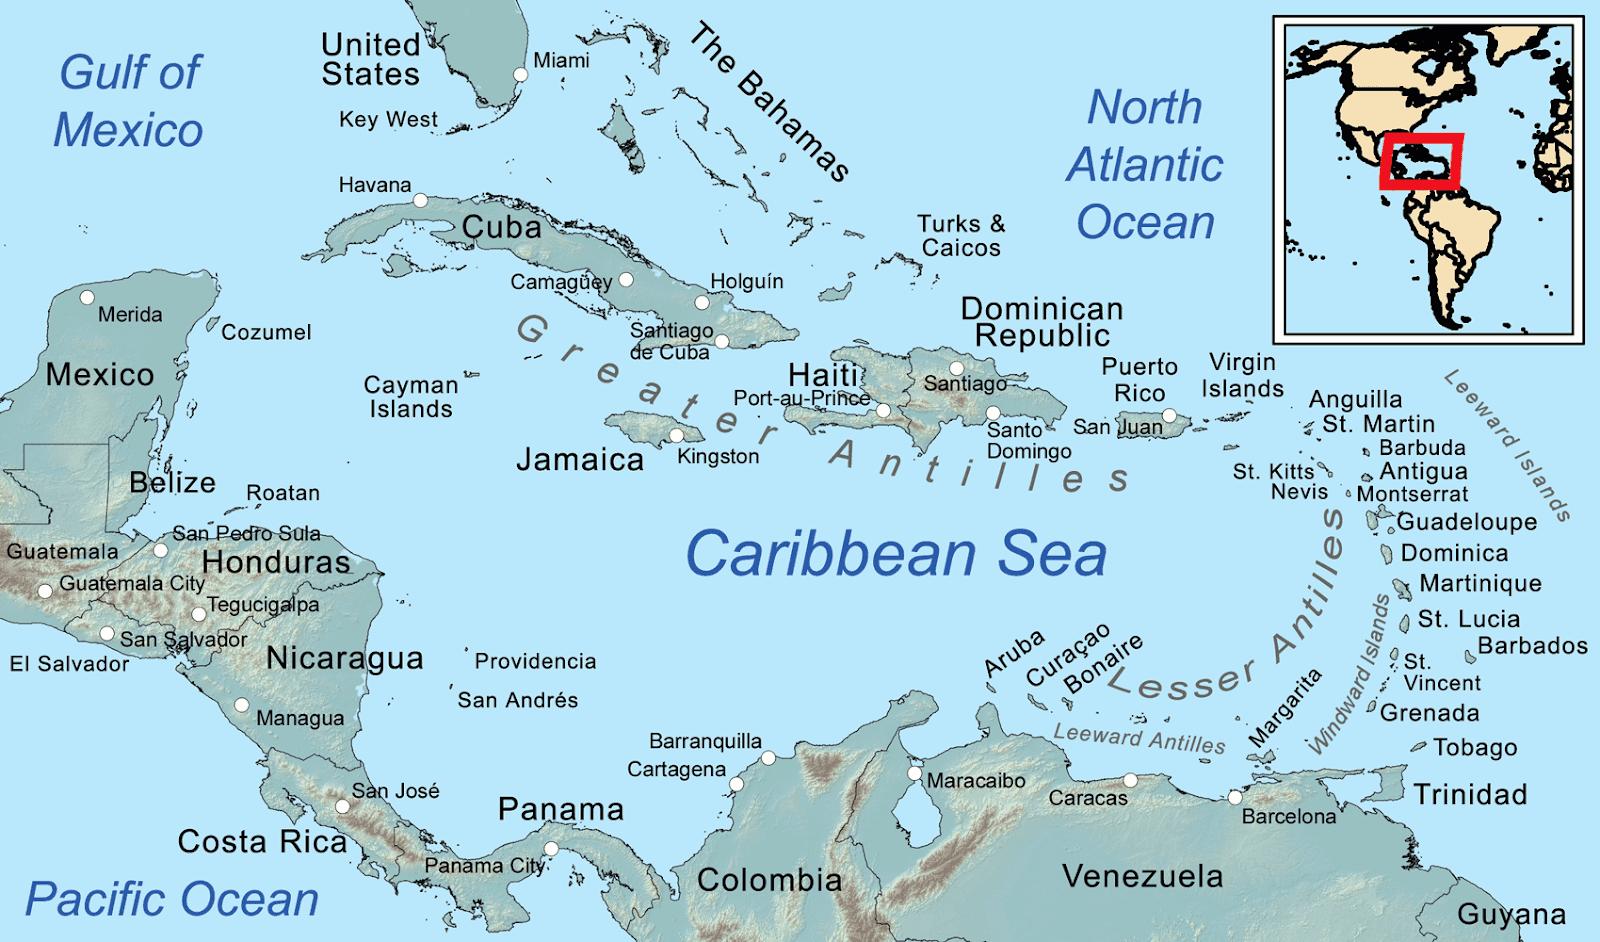 वेस्टइंडीज देश नहीं है तो क्या है? Amazing Facts about West Indies